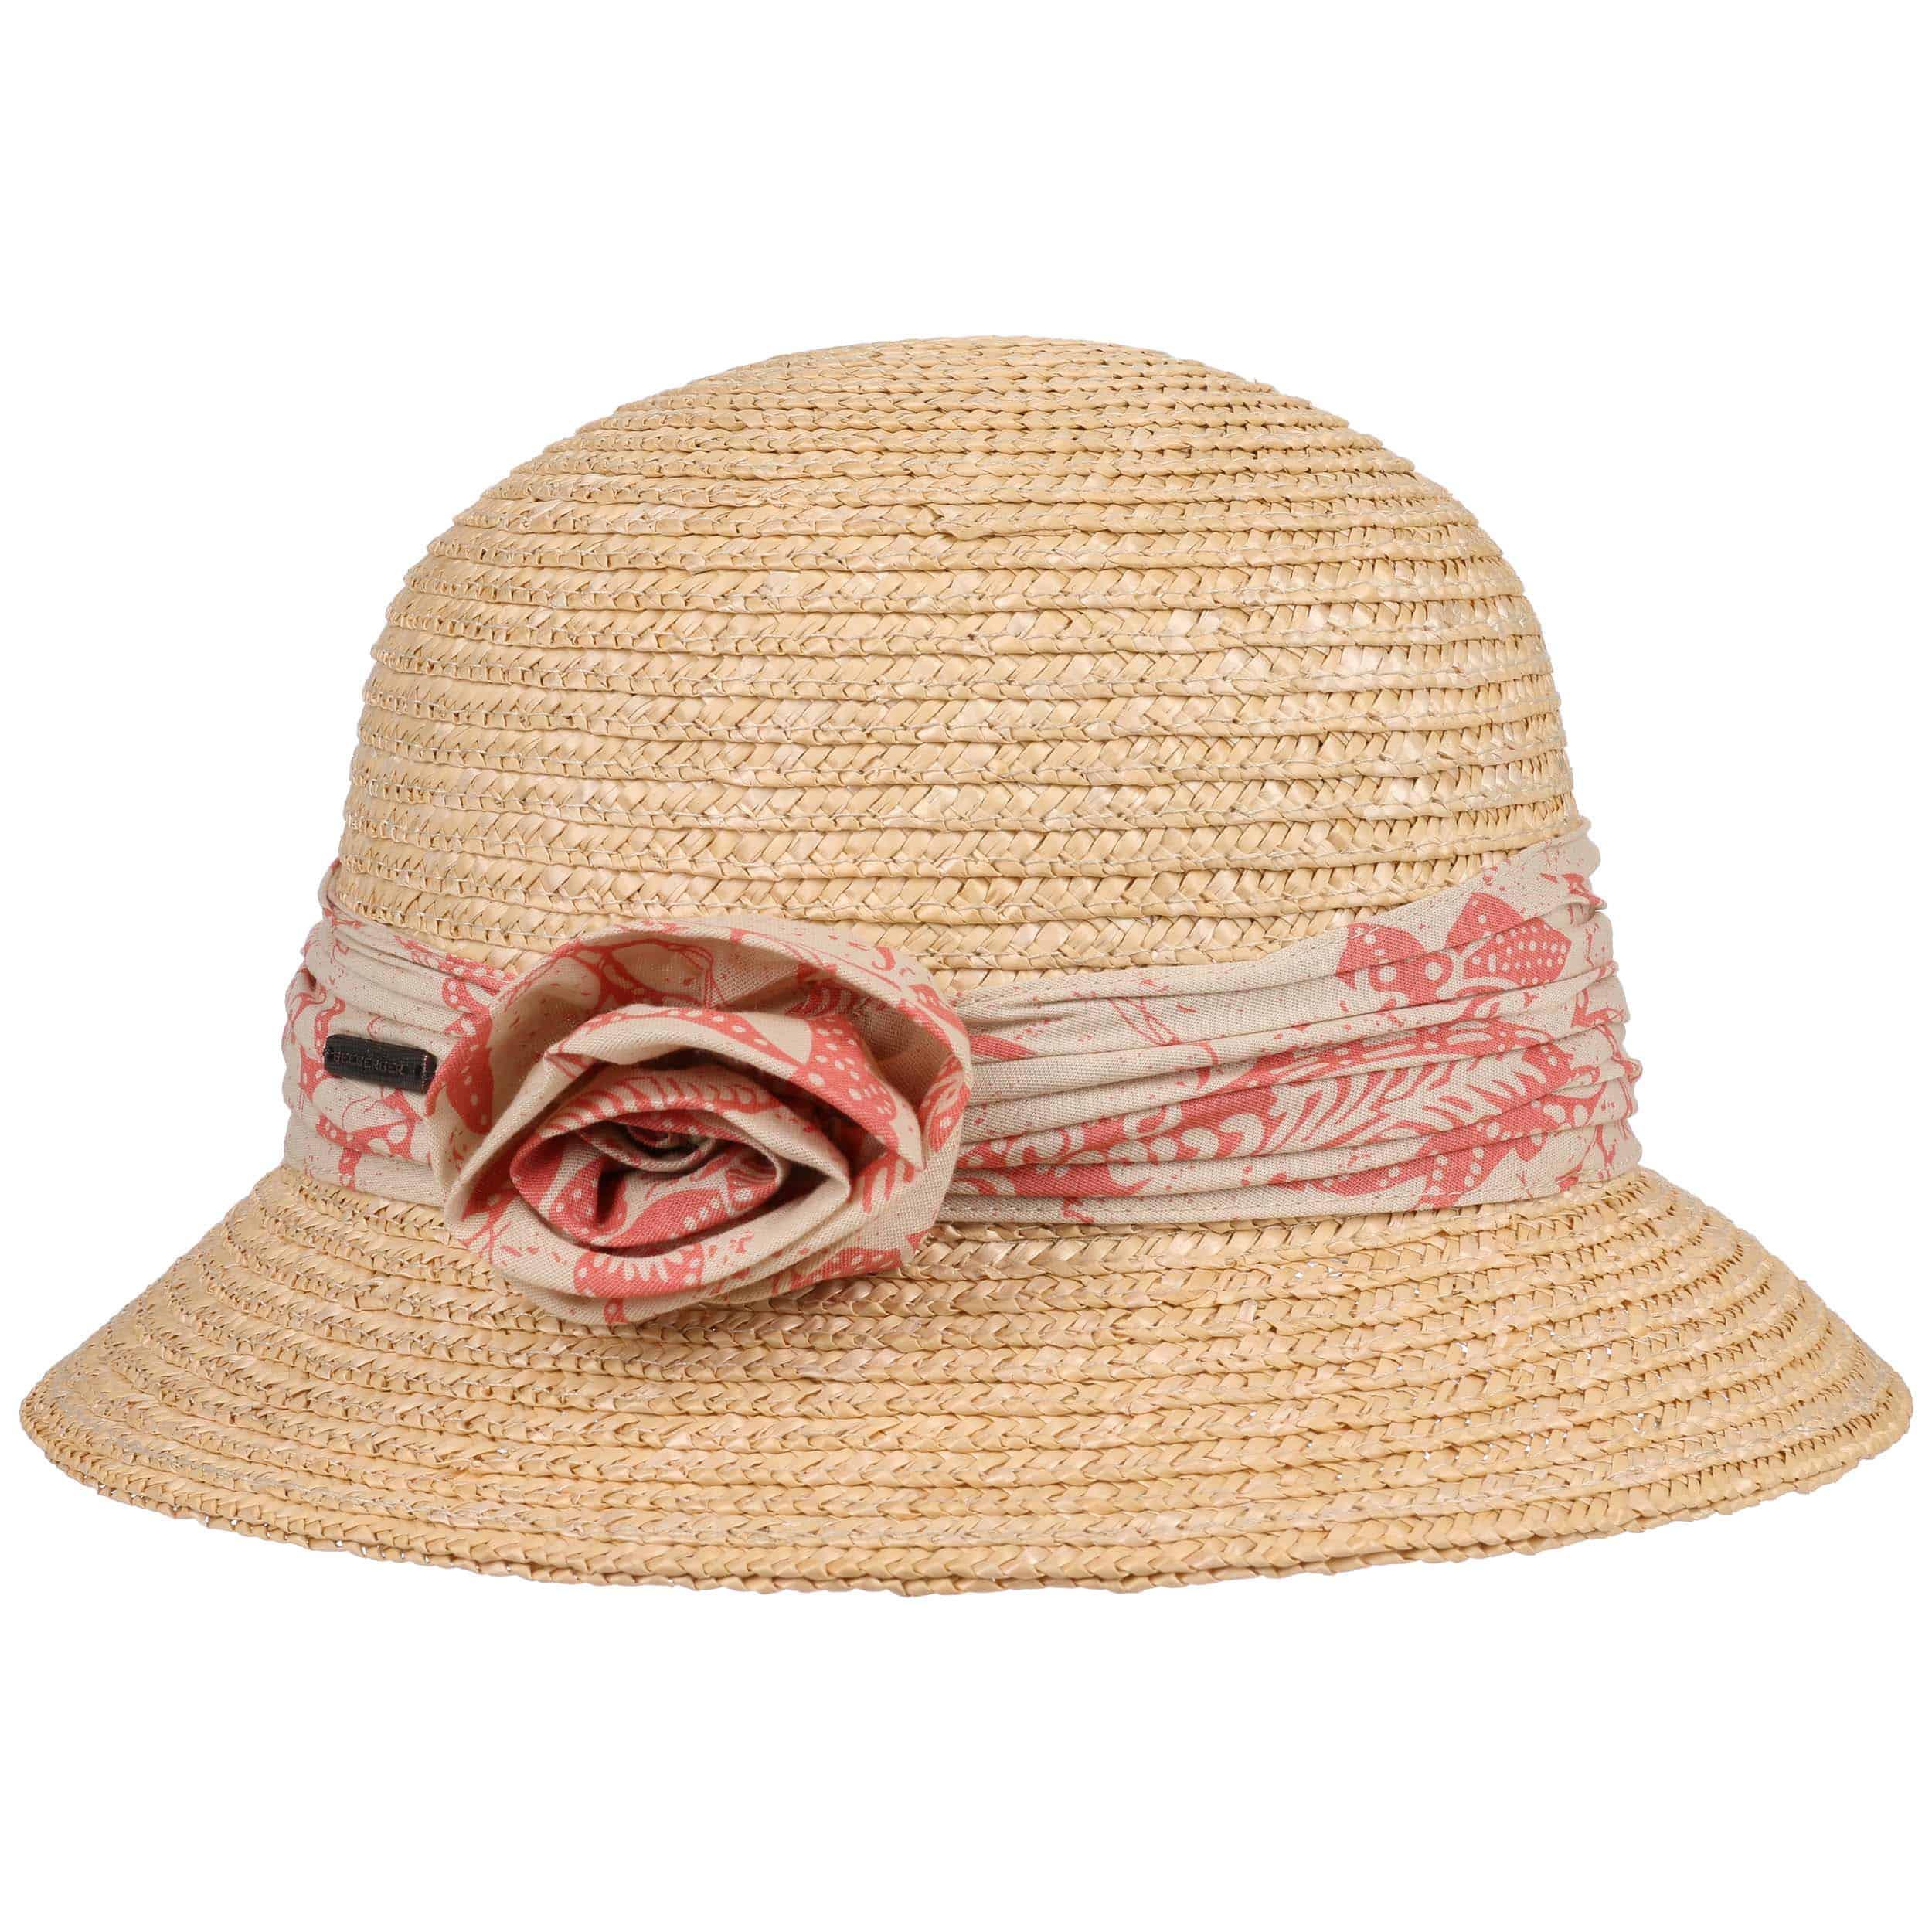 Sombrero Cloché Flower Trim by Seeberger - Sombreros - sombreroshop.es 1ac54cf380c